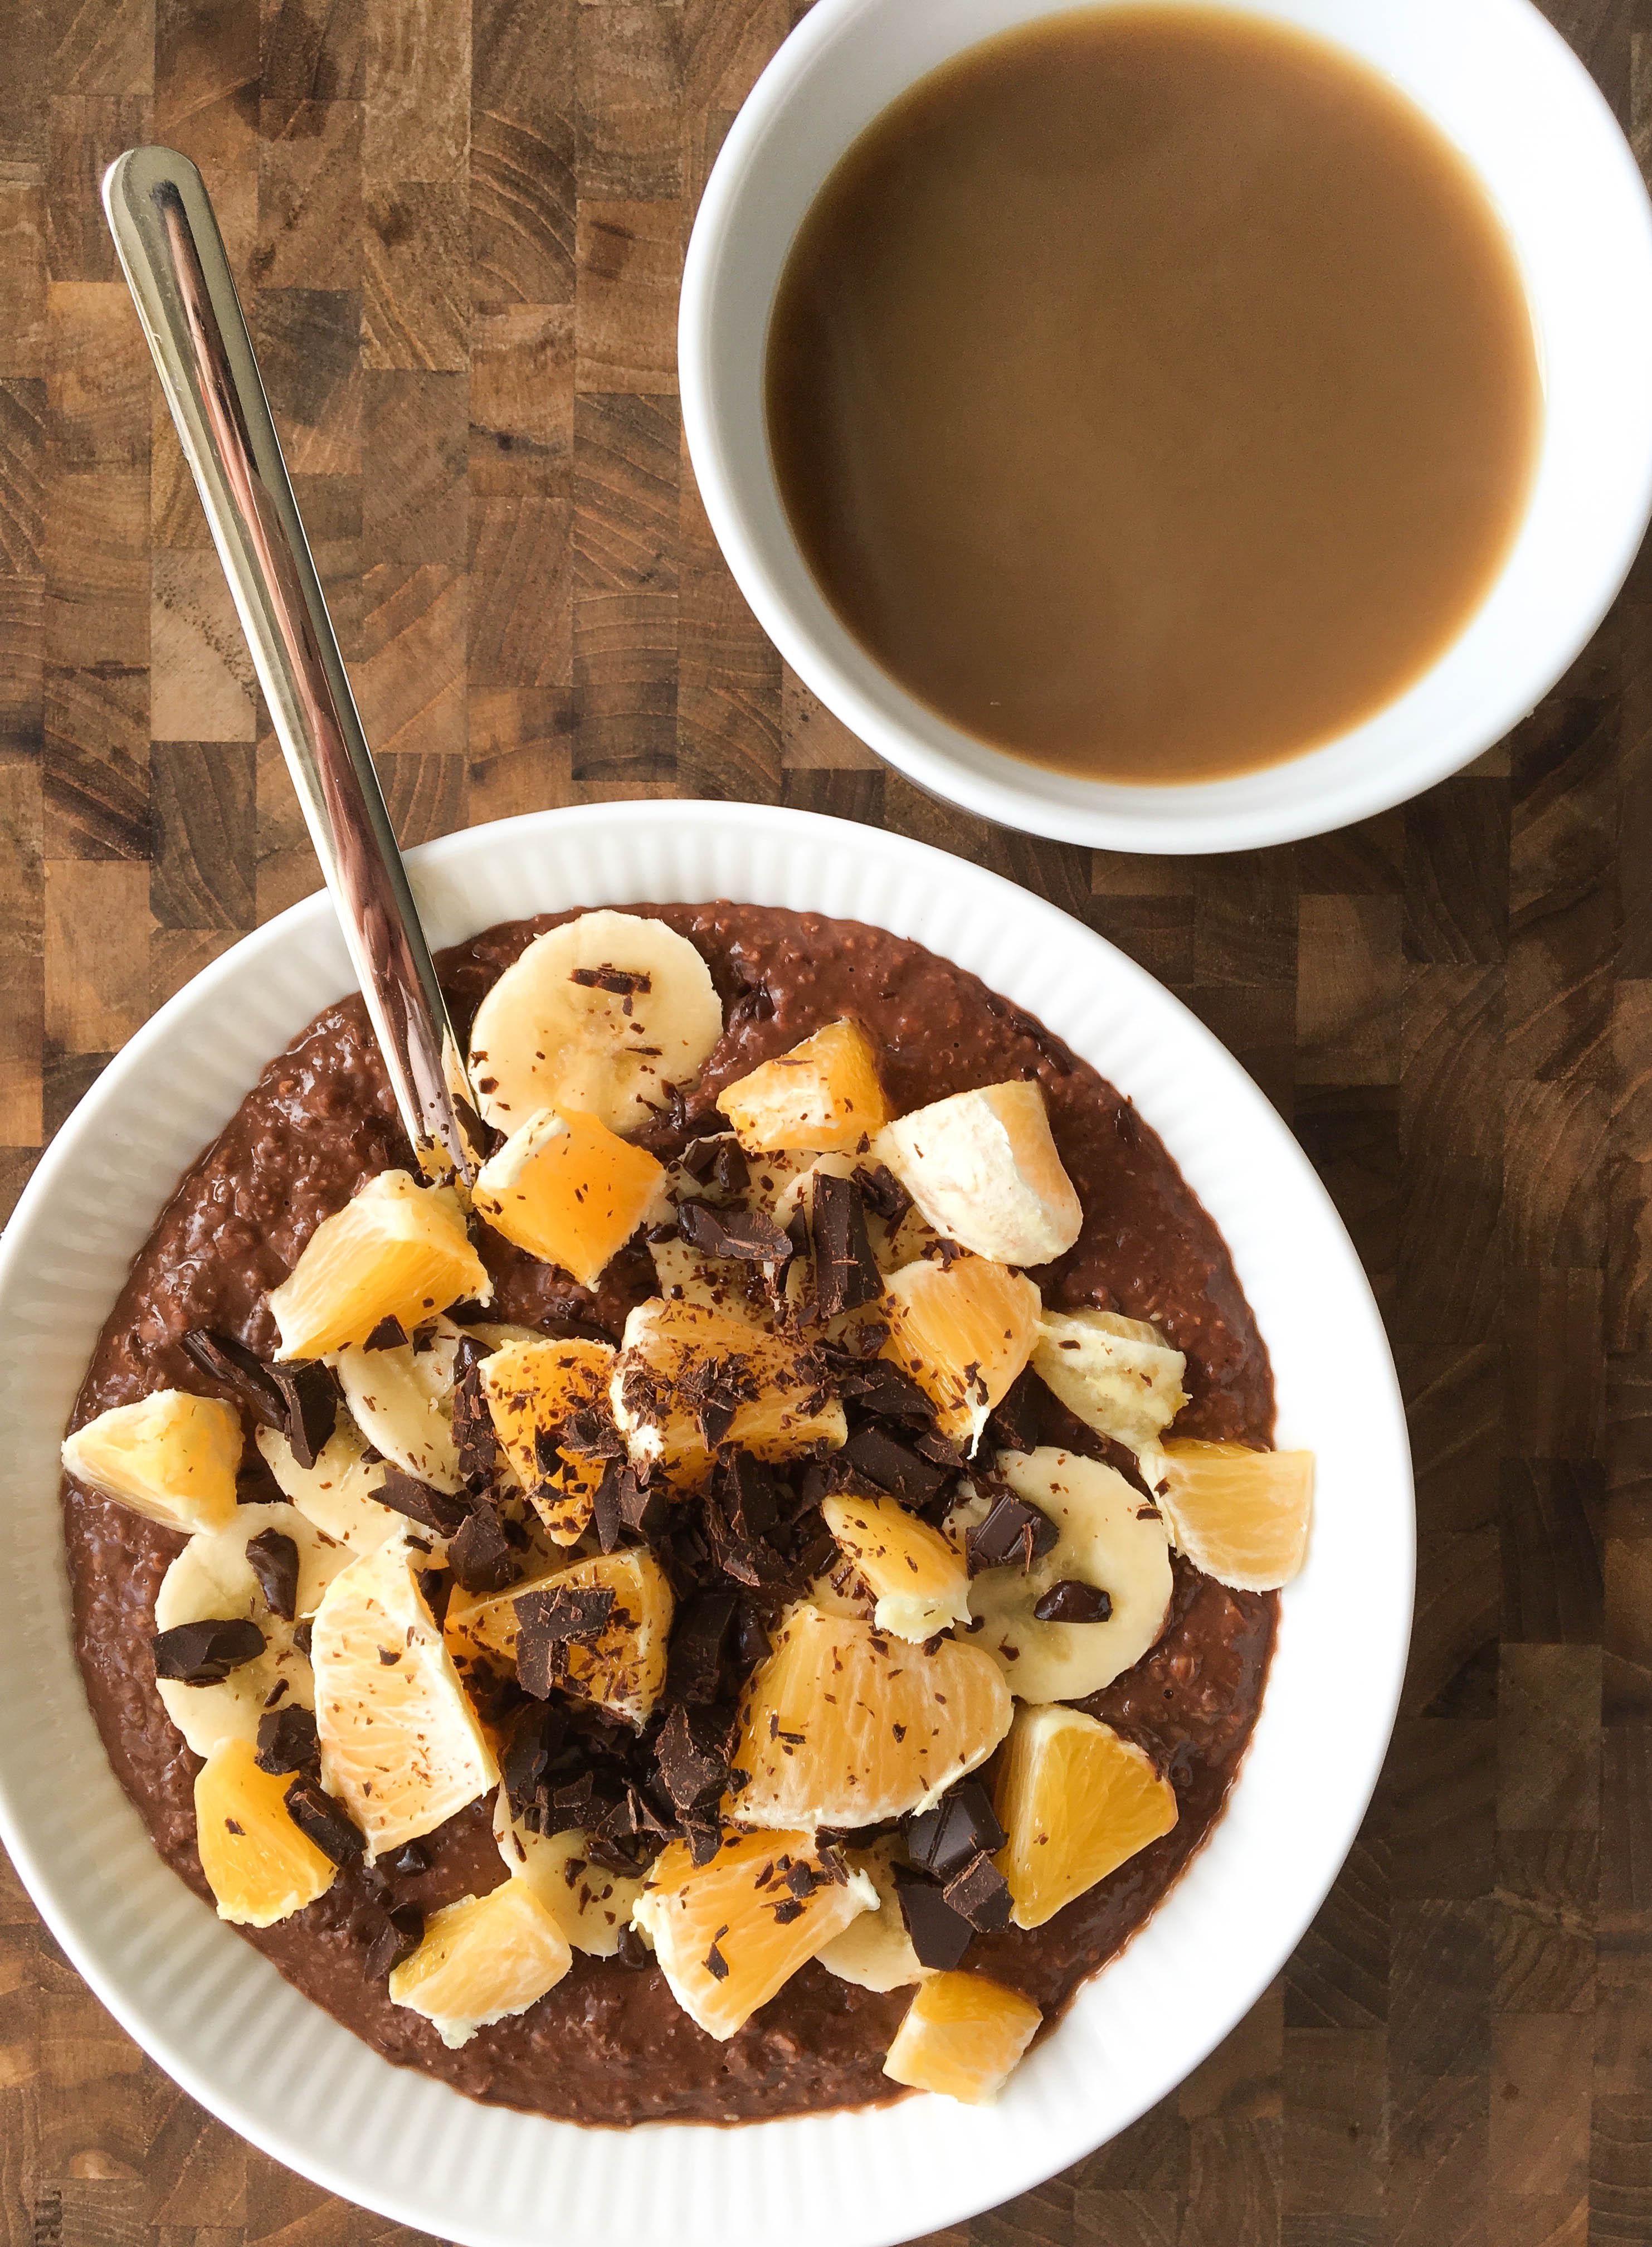 chokoladegrød med banan, appelsin og kaffe